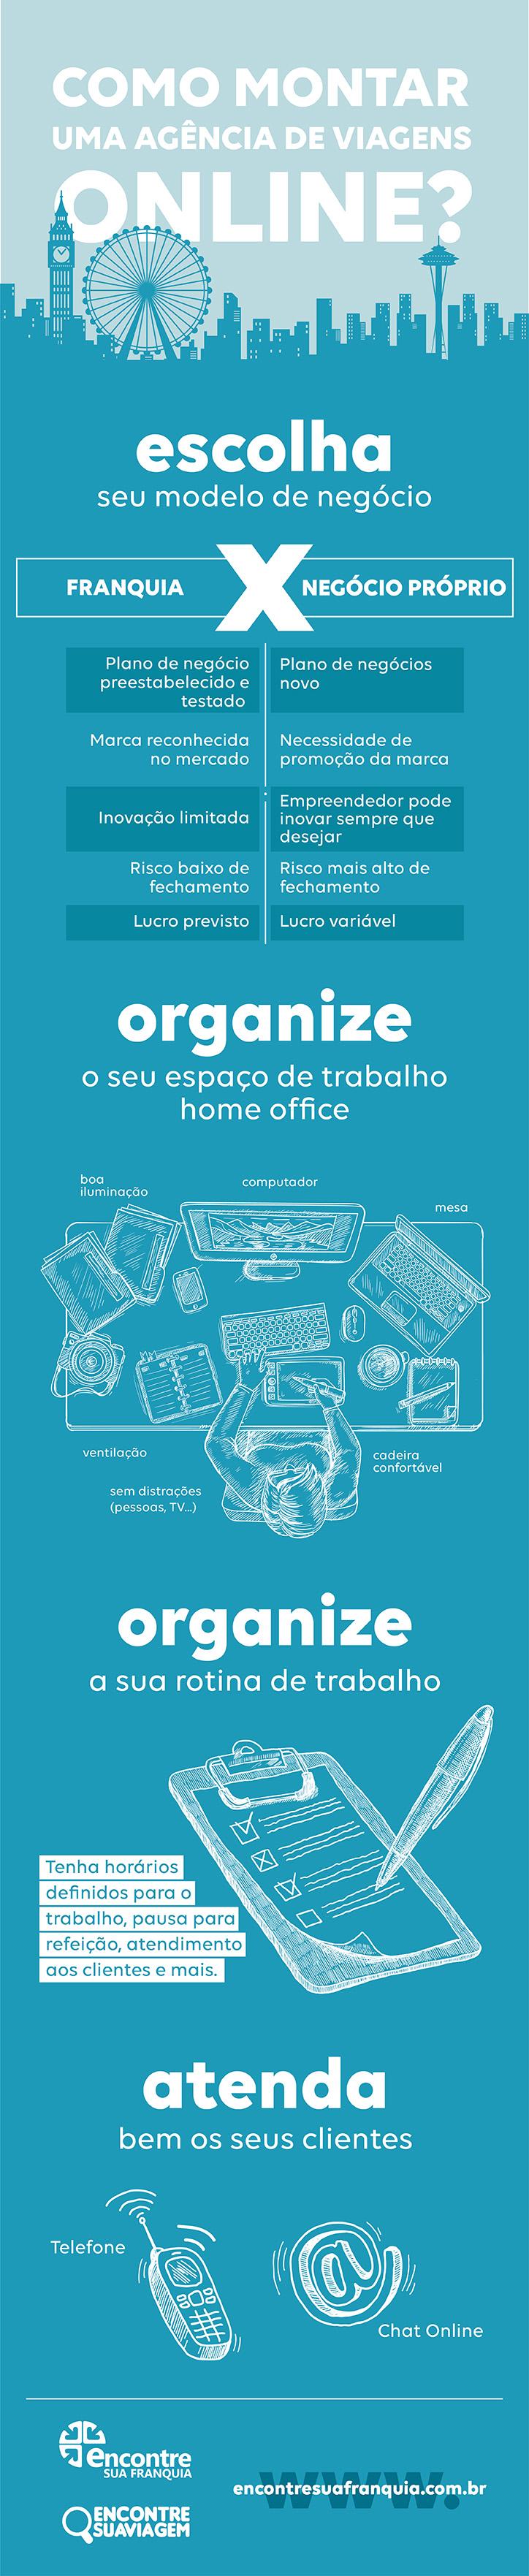 infografico agencia de viagens online